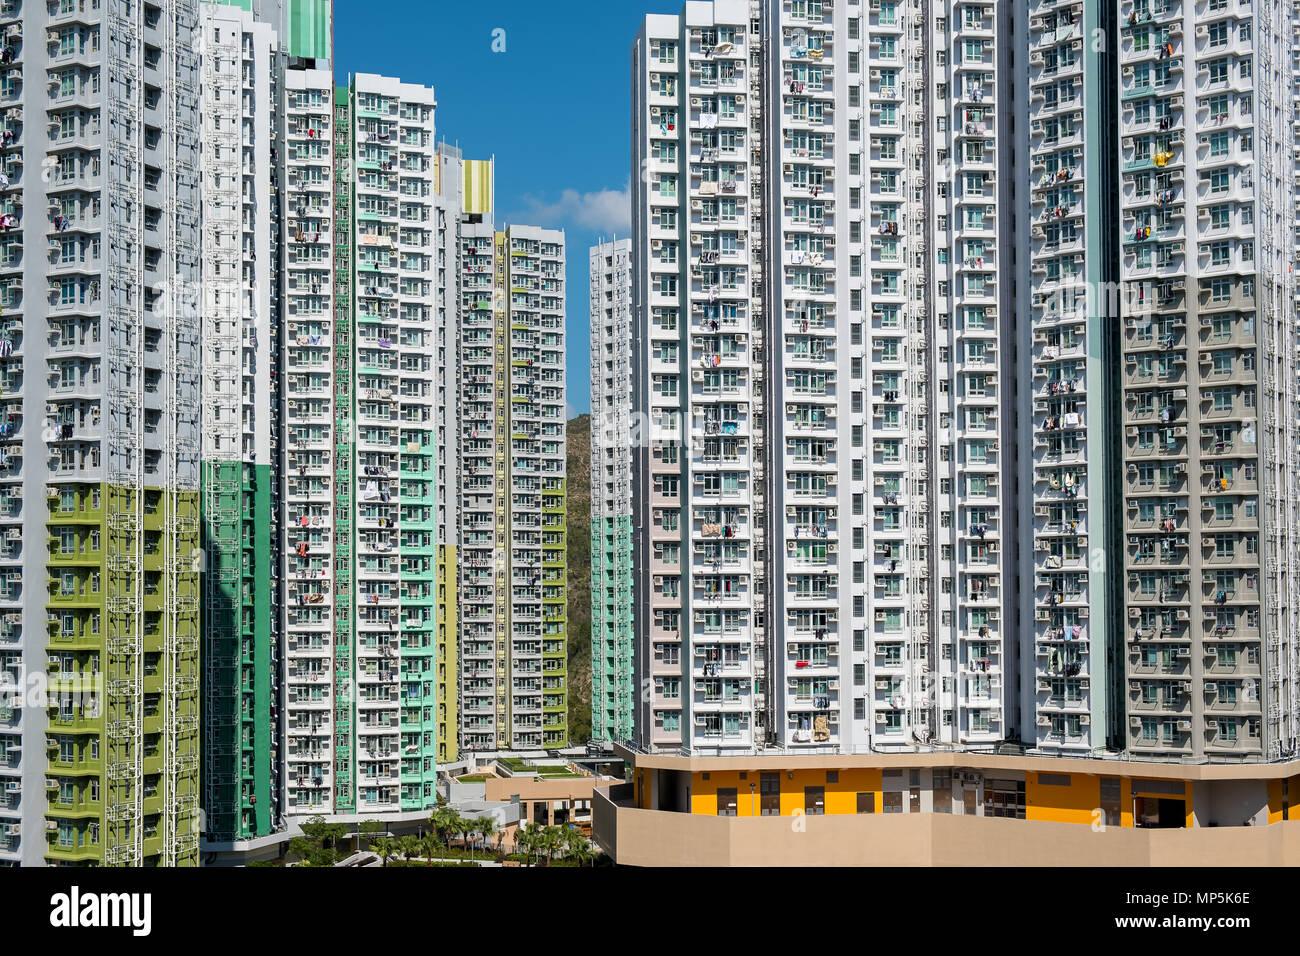 Public housing in Hong Kong - Stock Image